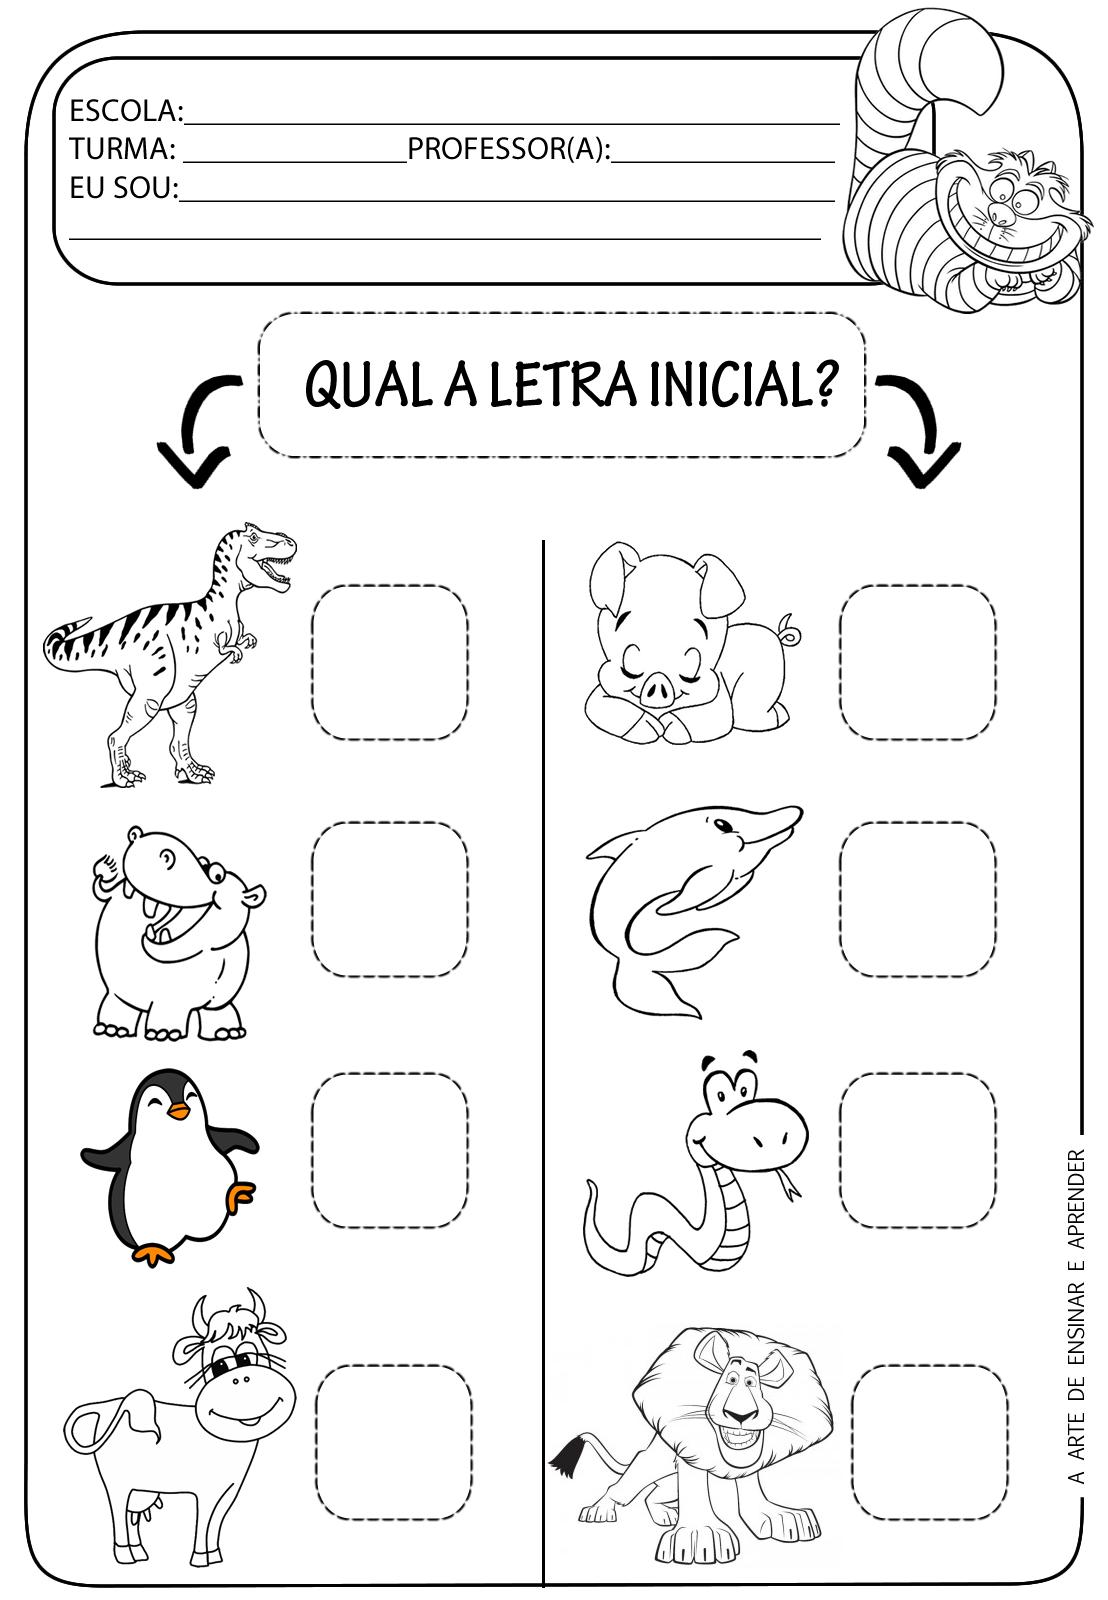 A Arte de Ensinar e Aprender: Atividade pronta - Letra inicial ...